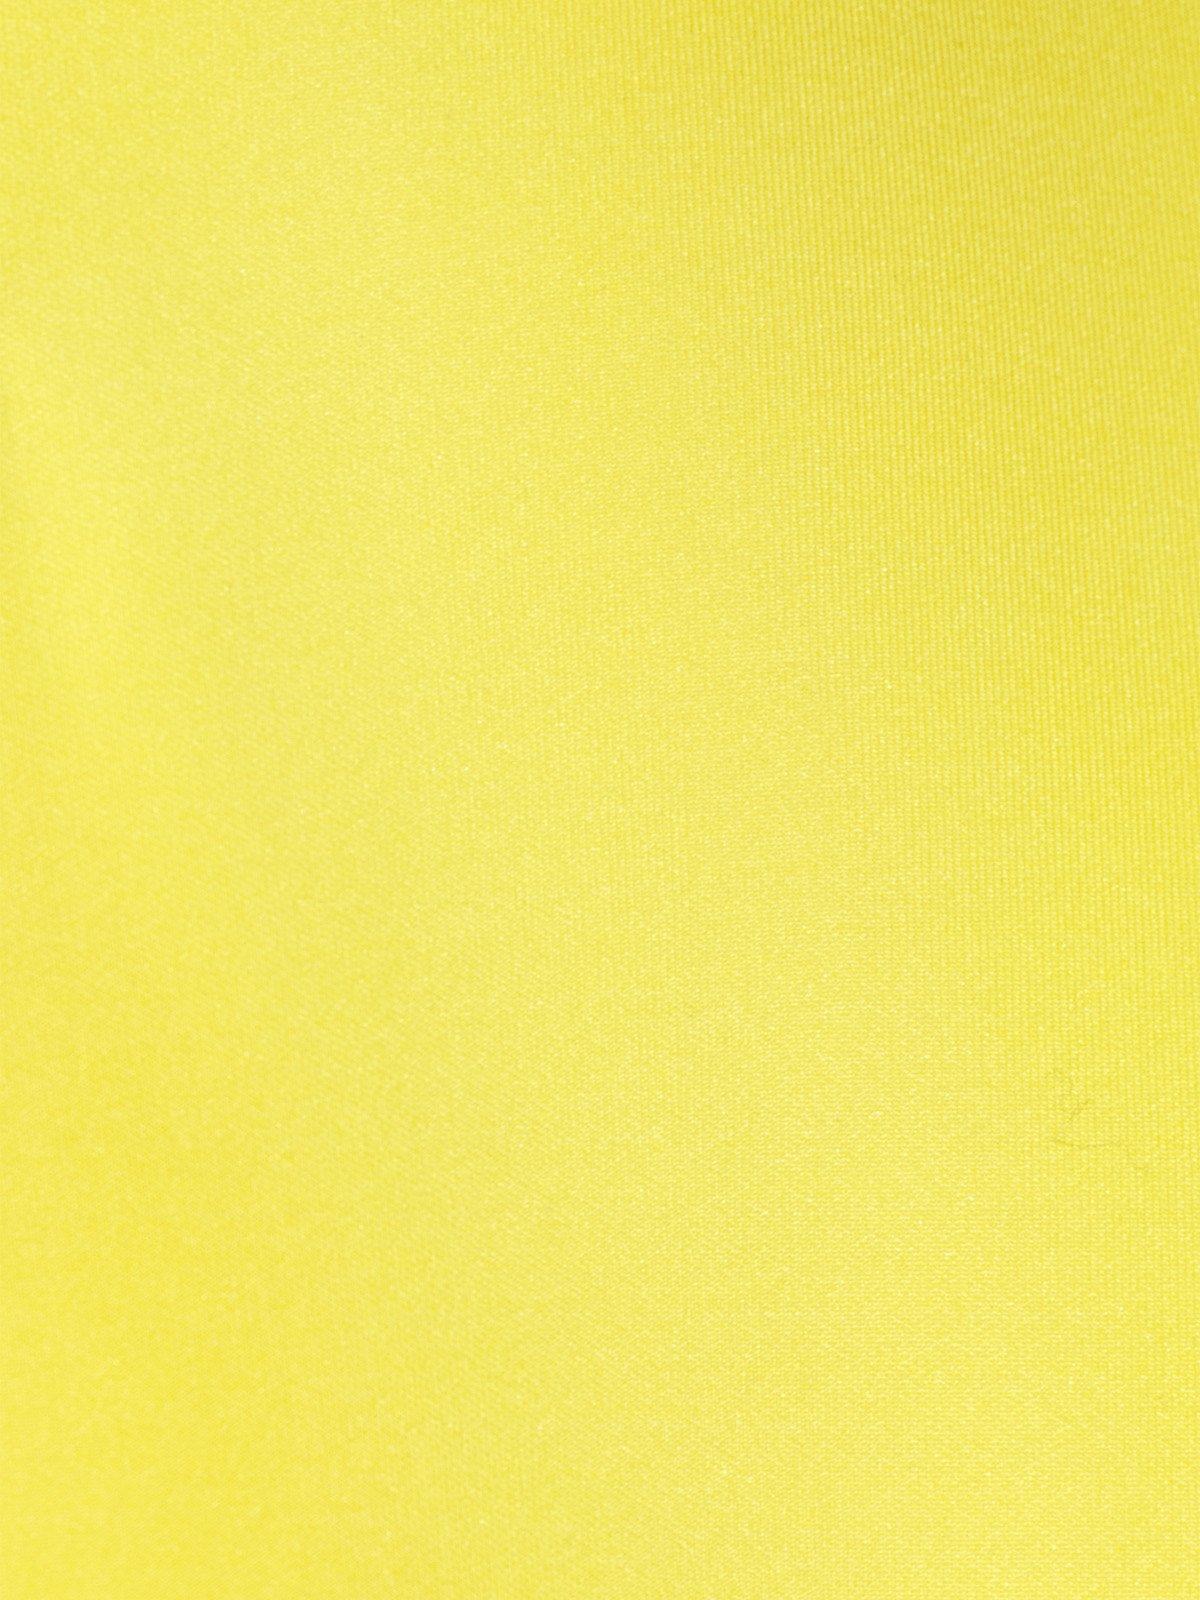 Юбка желтая | 2274048 | фото 5